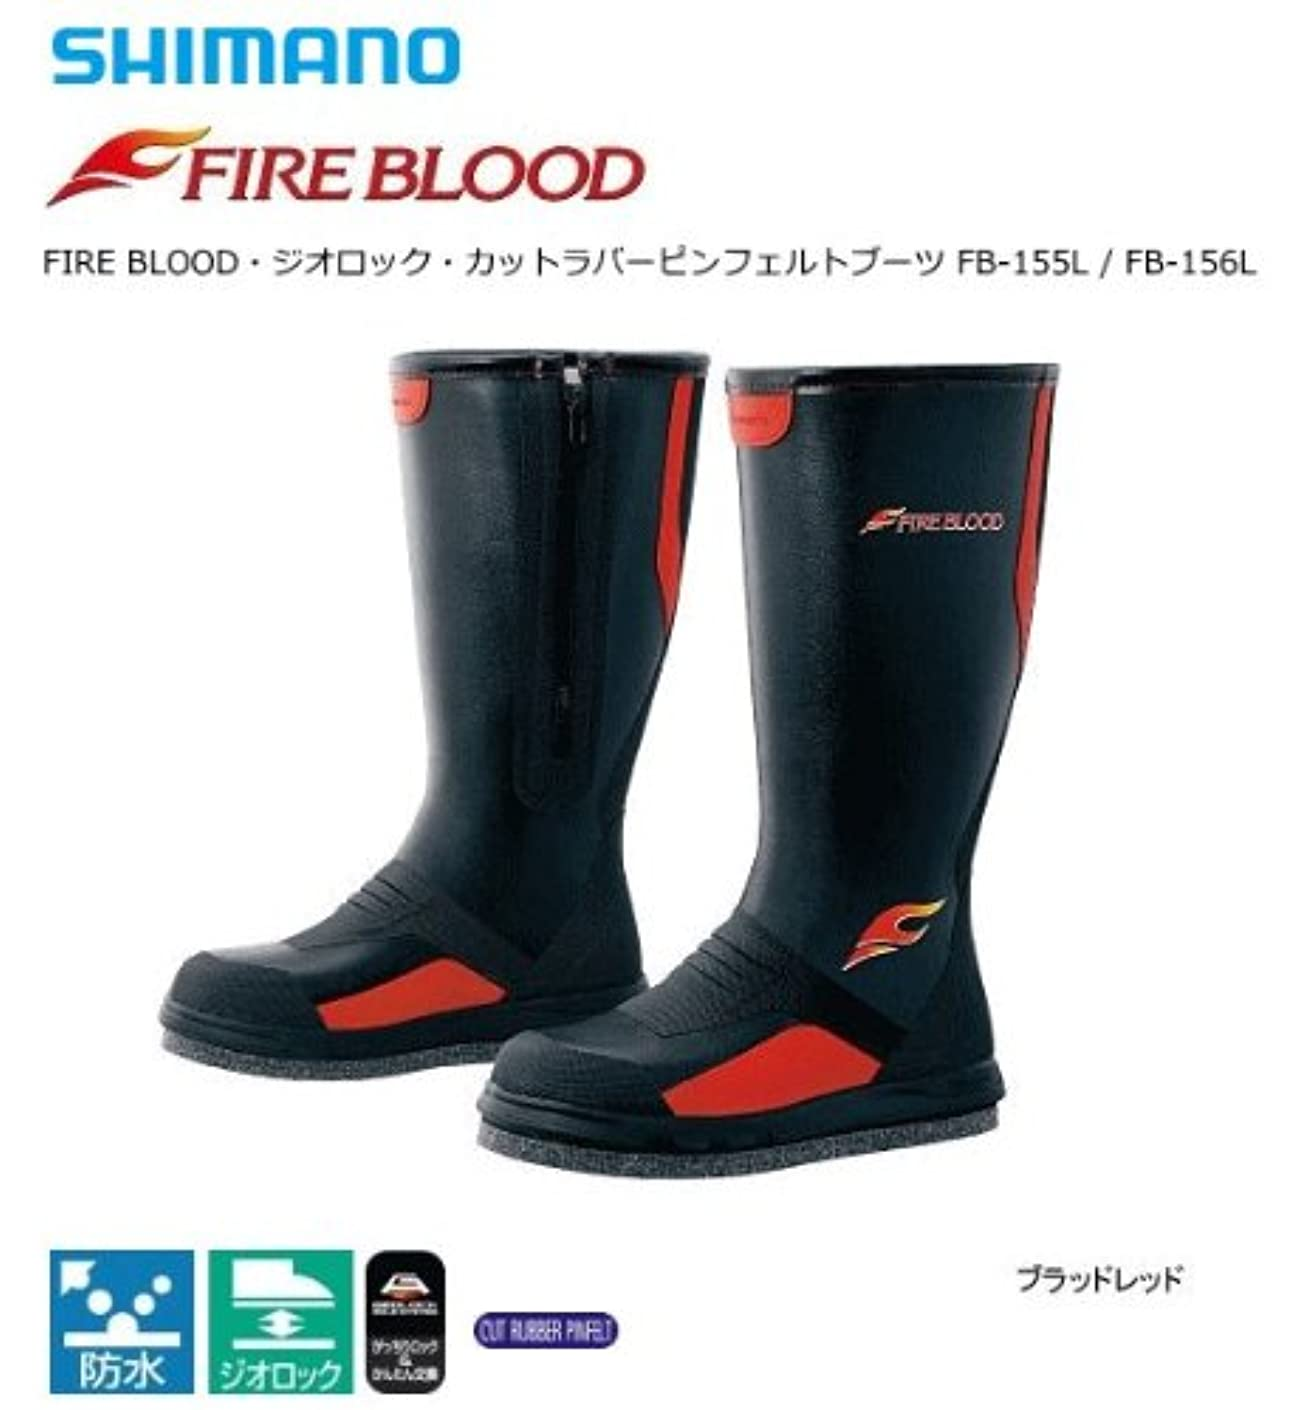 プレーヤー話バージンシマノ FIRE BLOOD?ジオロック?カットラバーピンフェルトブーツ W(ワイド) FB-156L ブラッドレッド